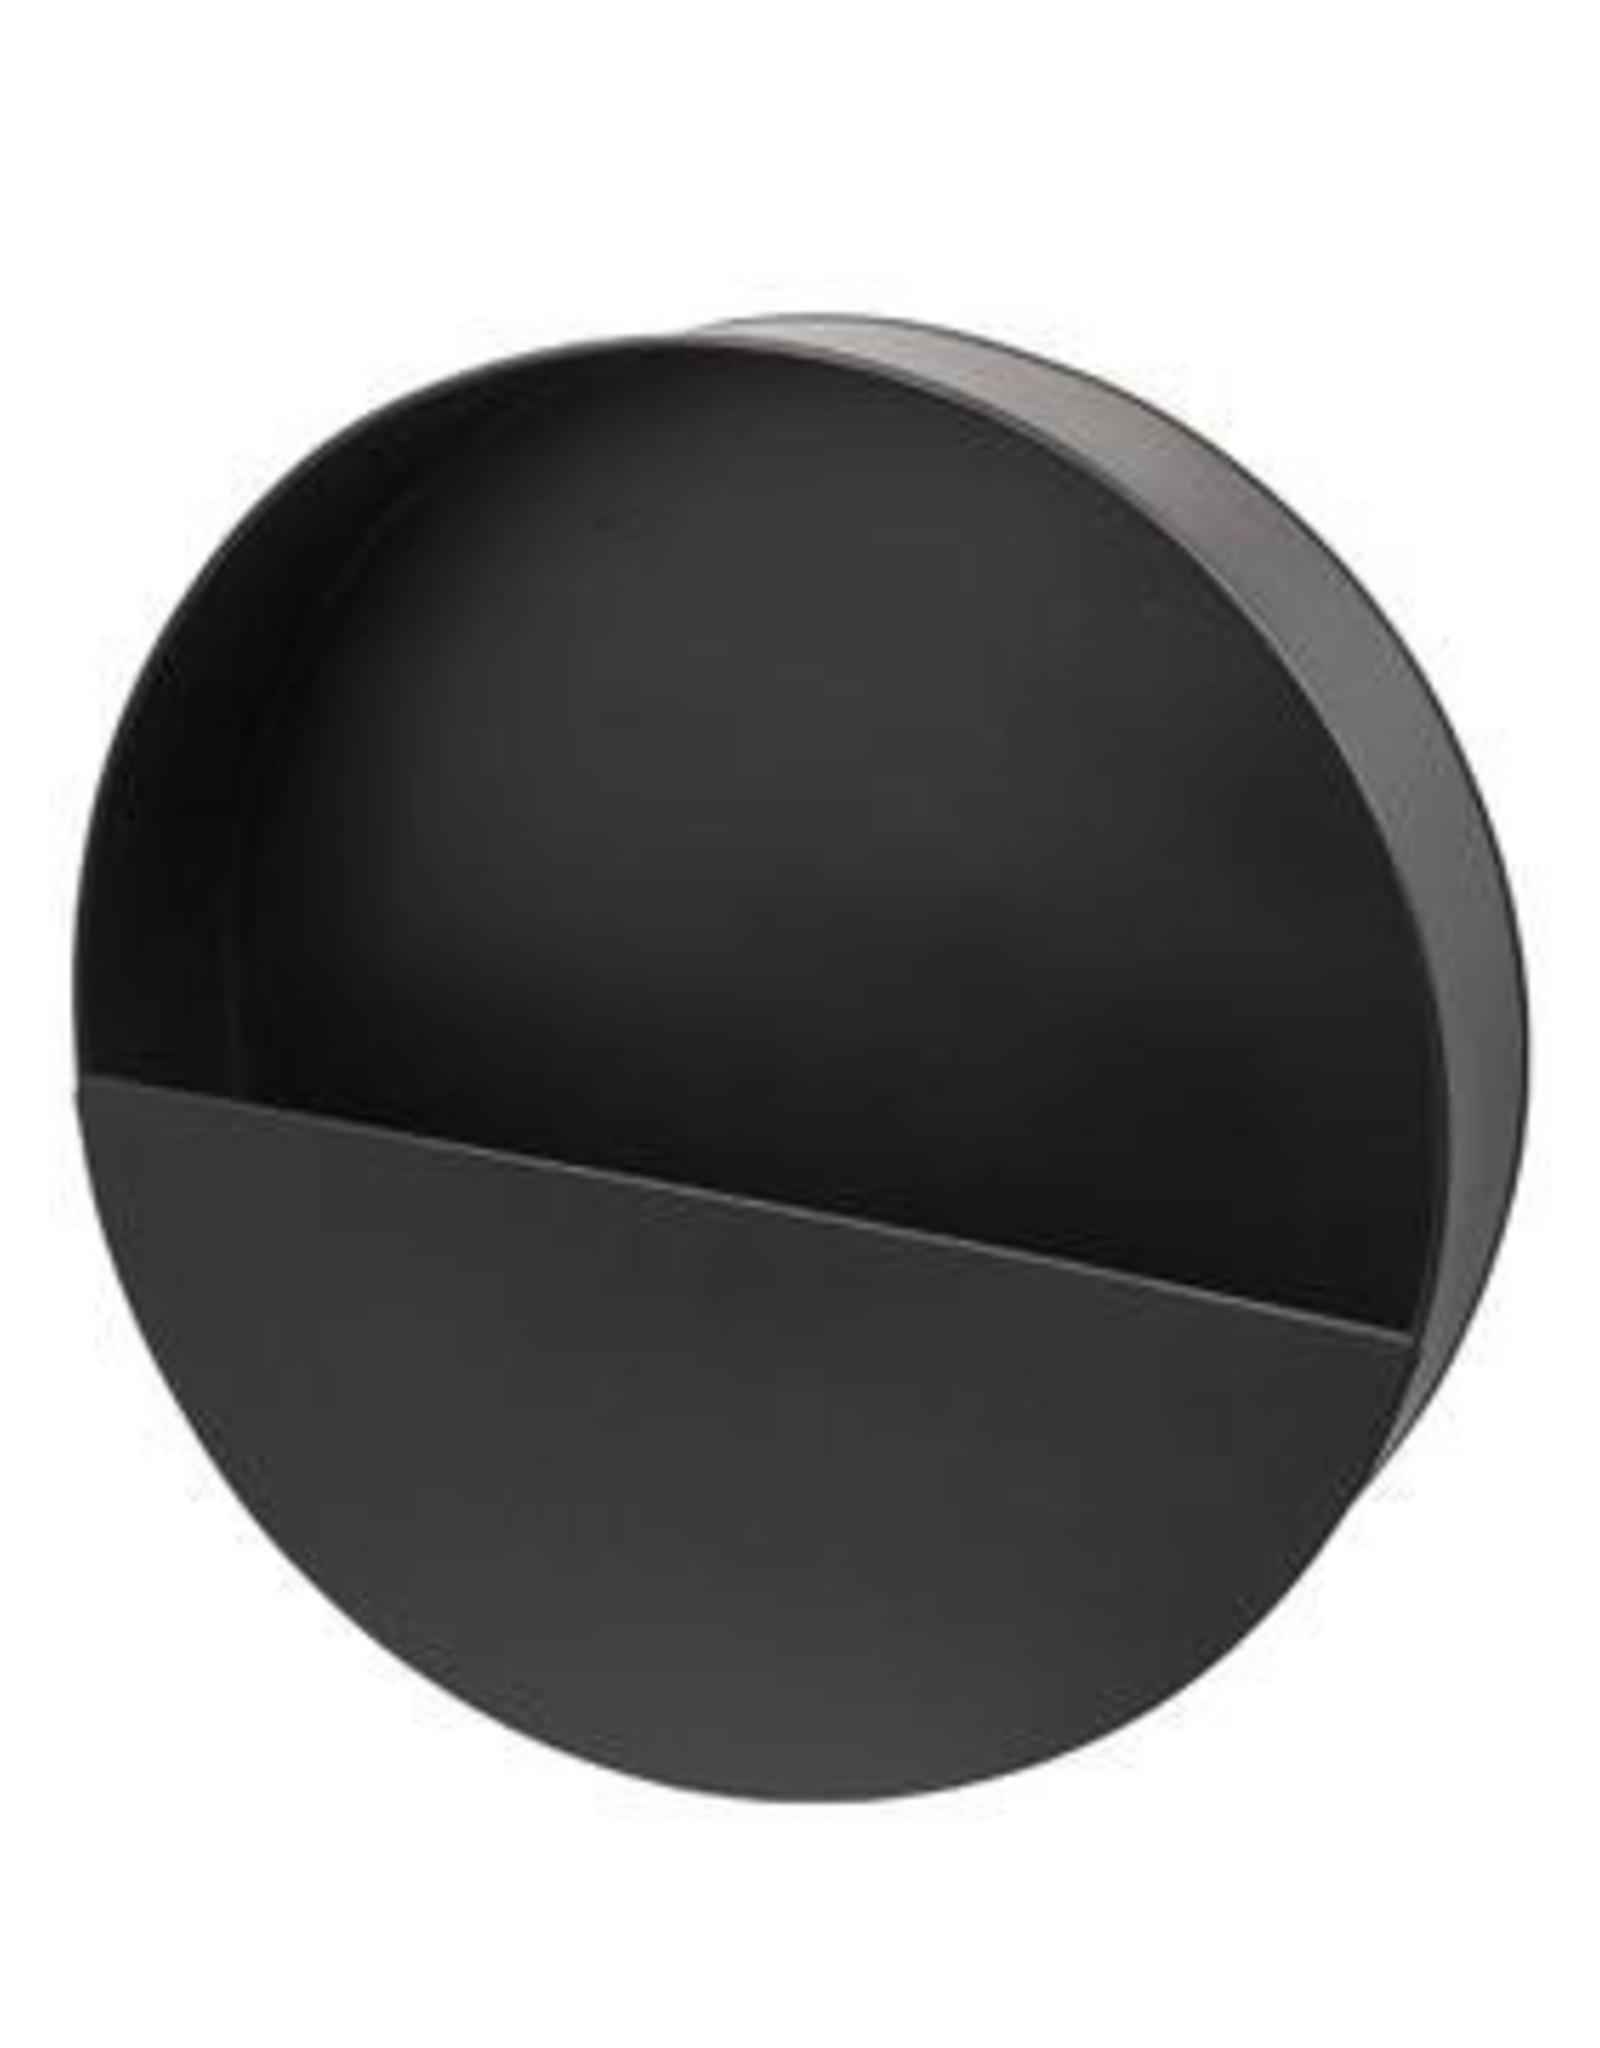 Dome Deco Dome deco - Wall planter round S